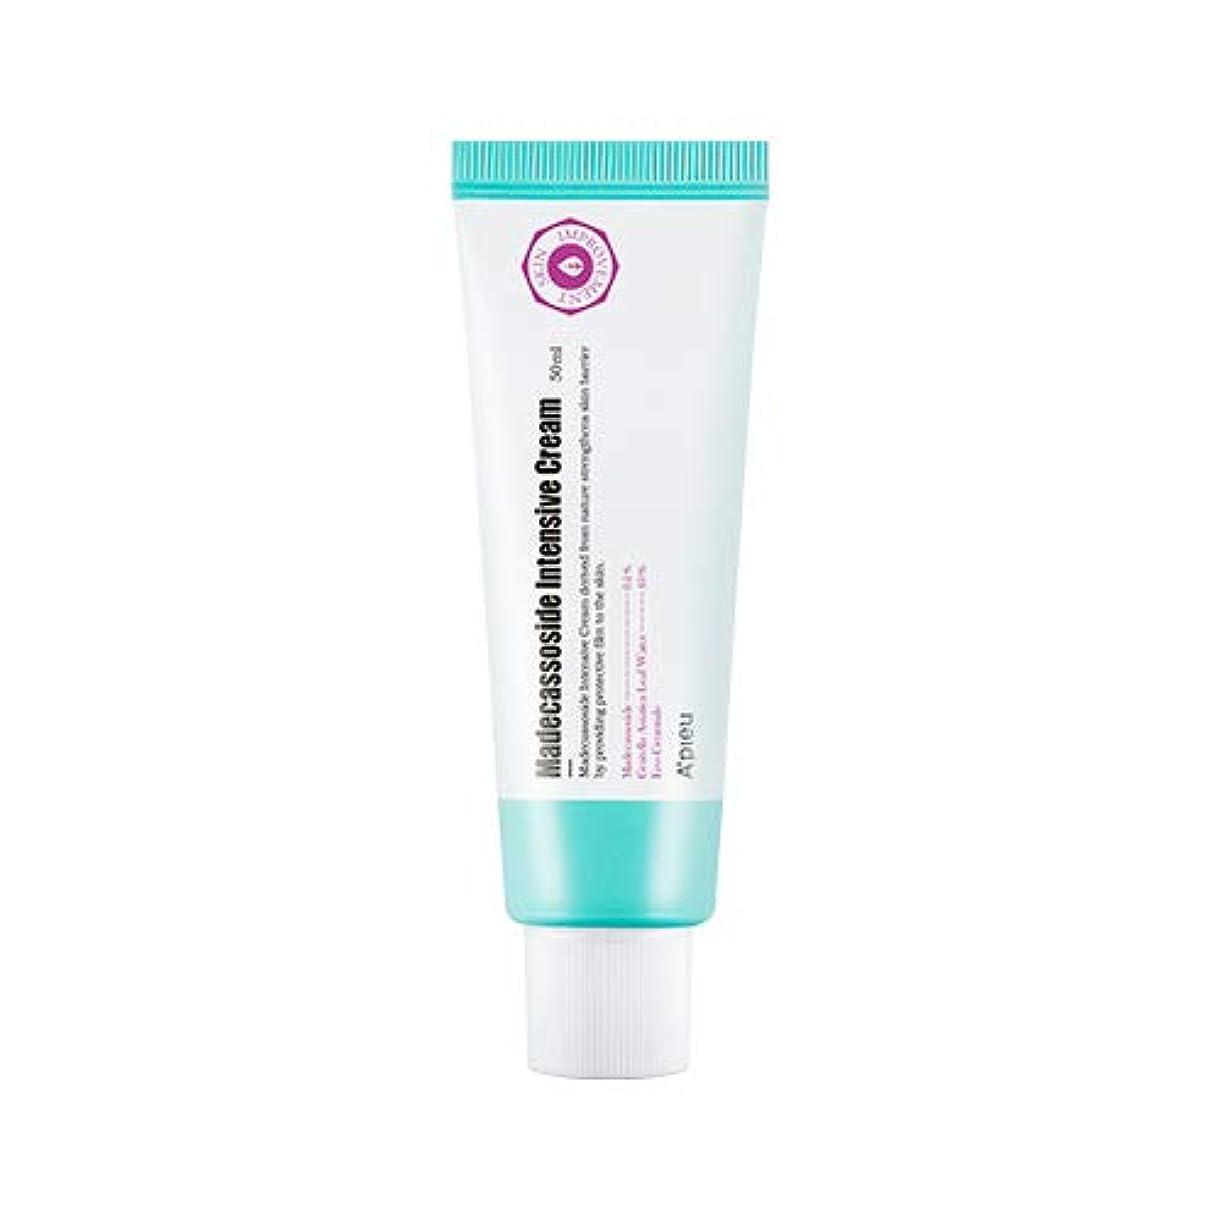 ハチ贅沢なアフリカアピュ マデカソシド インテンシブクリーム 50ml / APIEU Madecassoside Intensive Cream 50ml [並行輸入品]